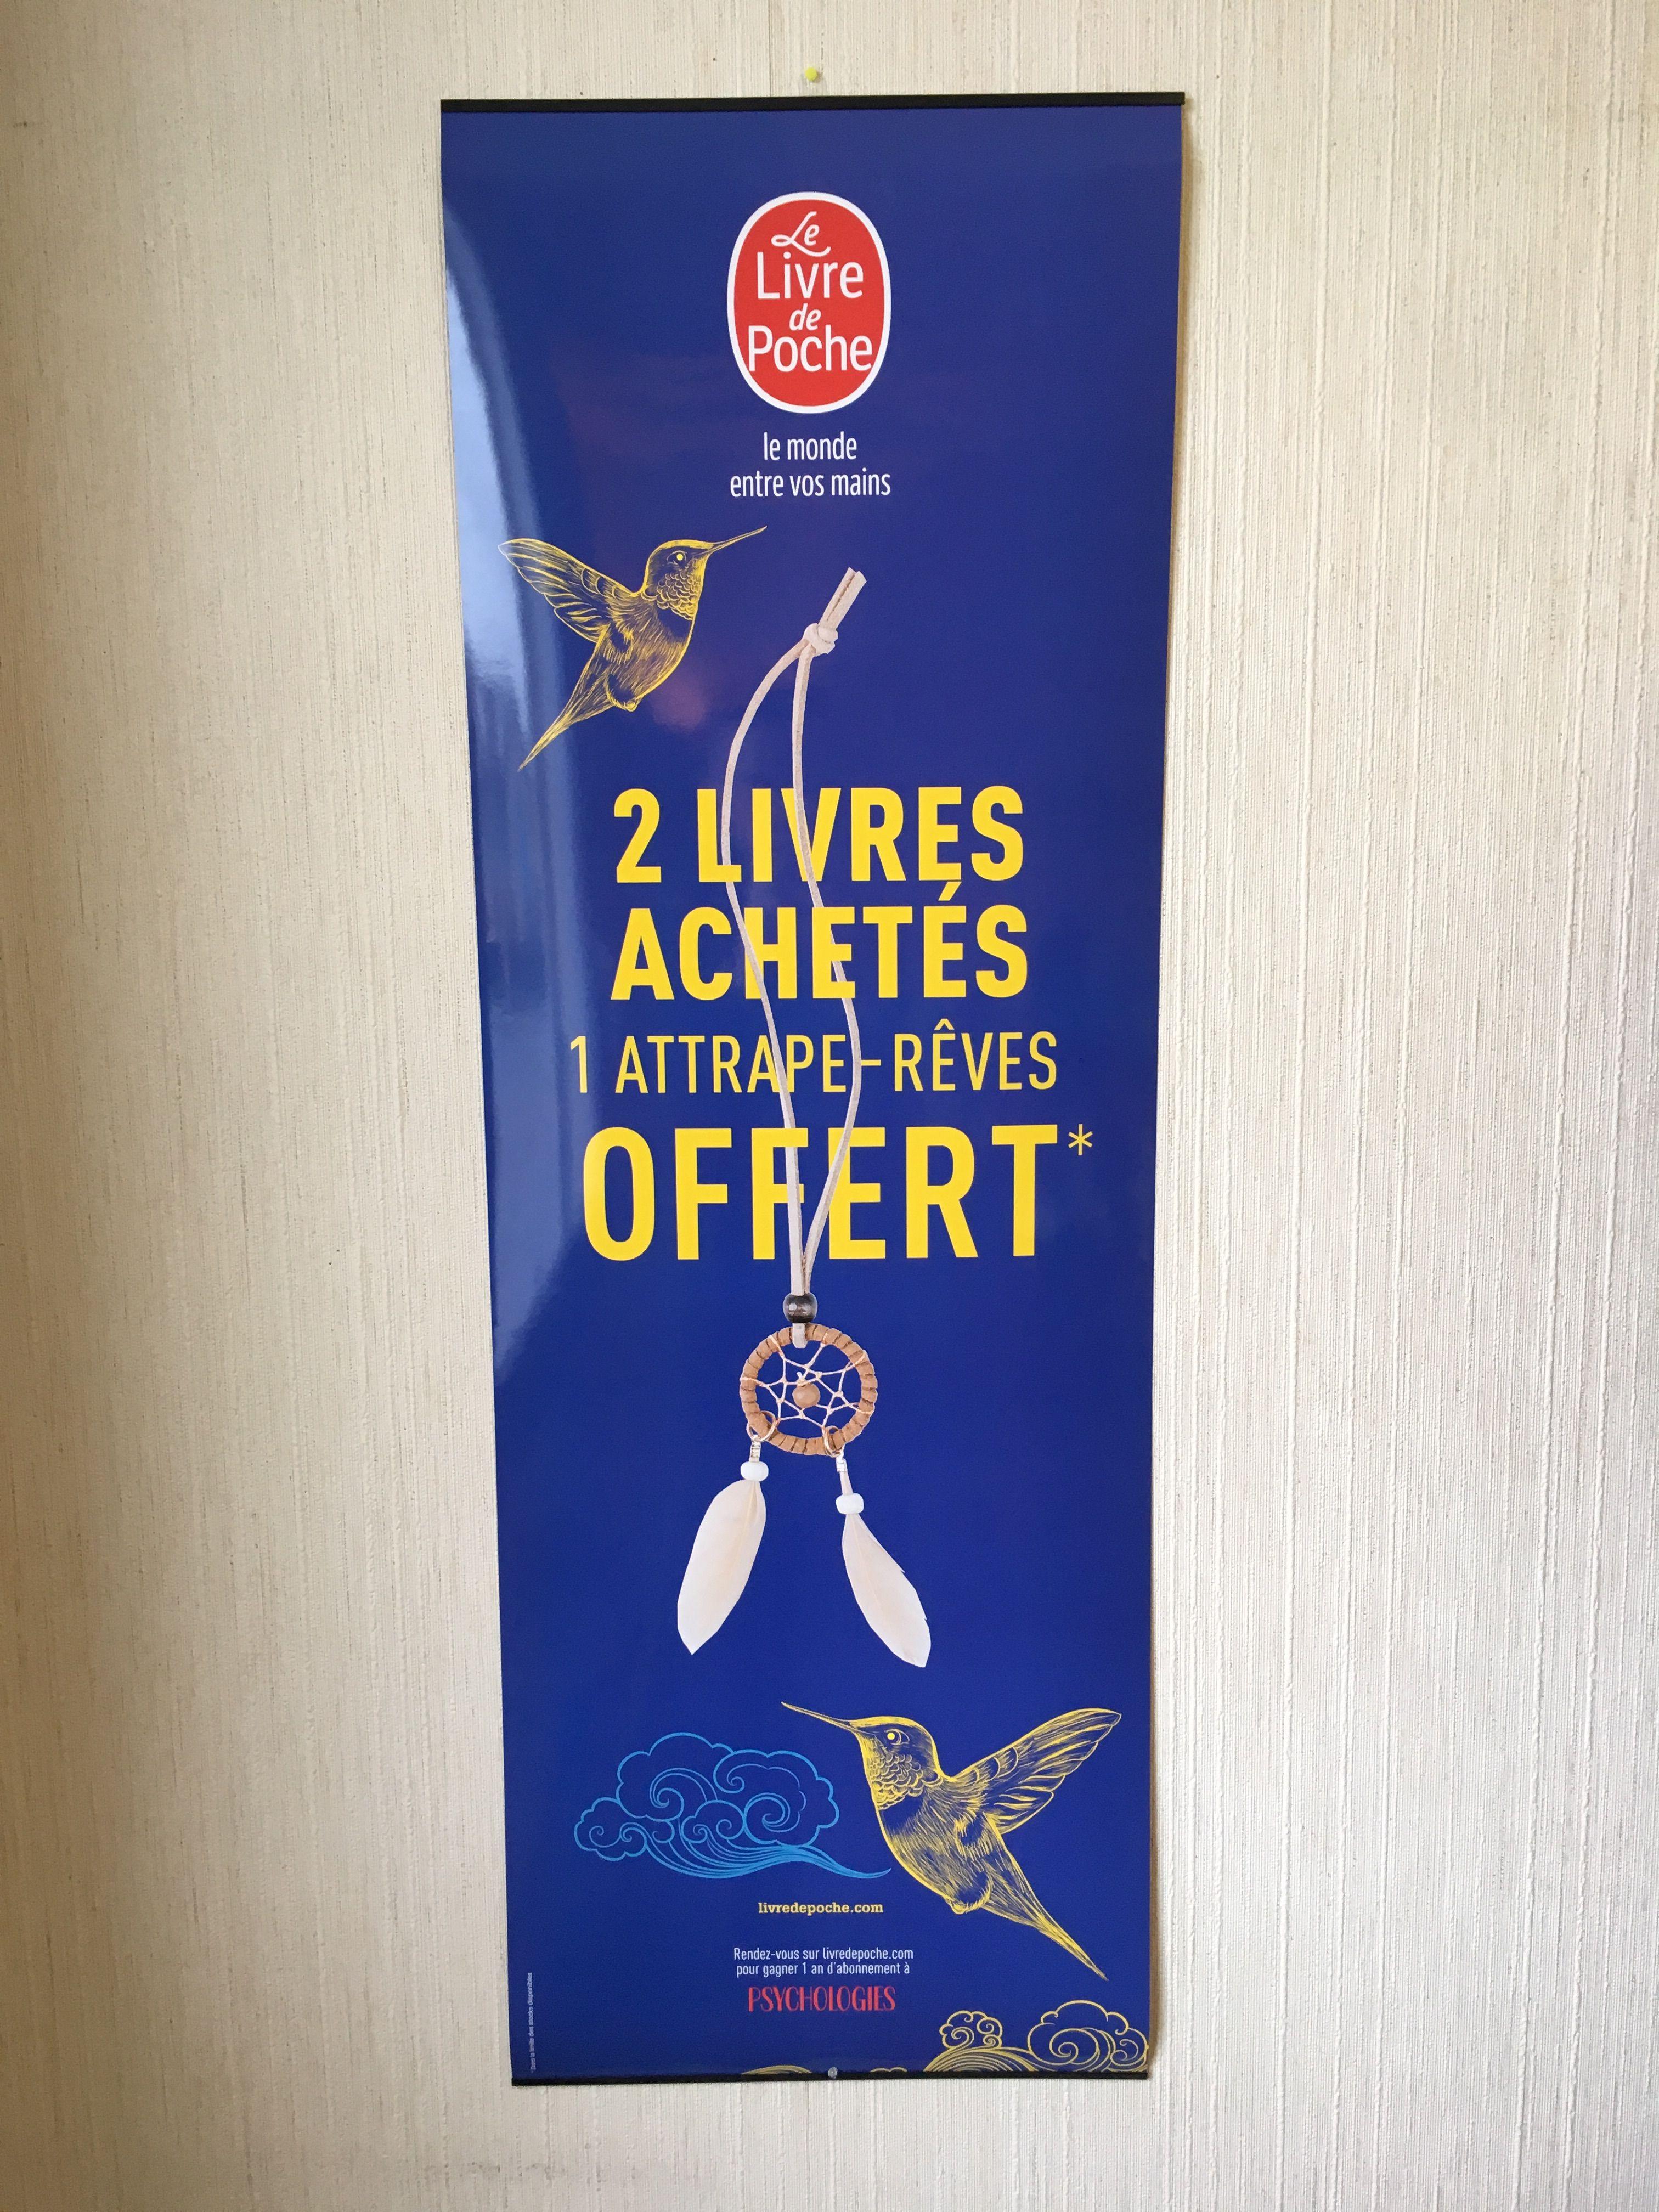 Un Kakemono Dans Les Tons Bleus Pour La Collection Livre De